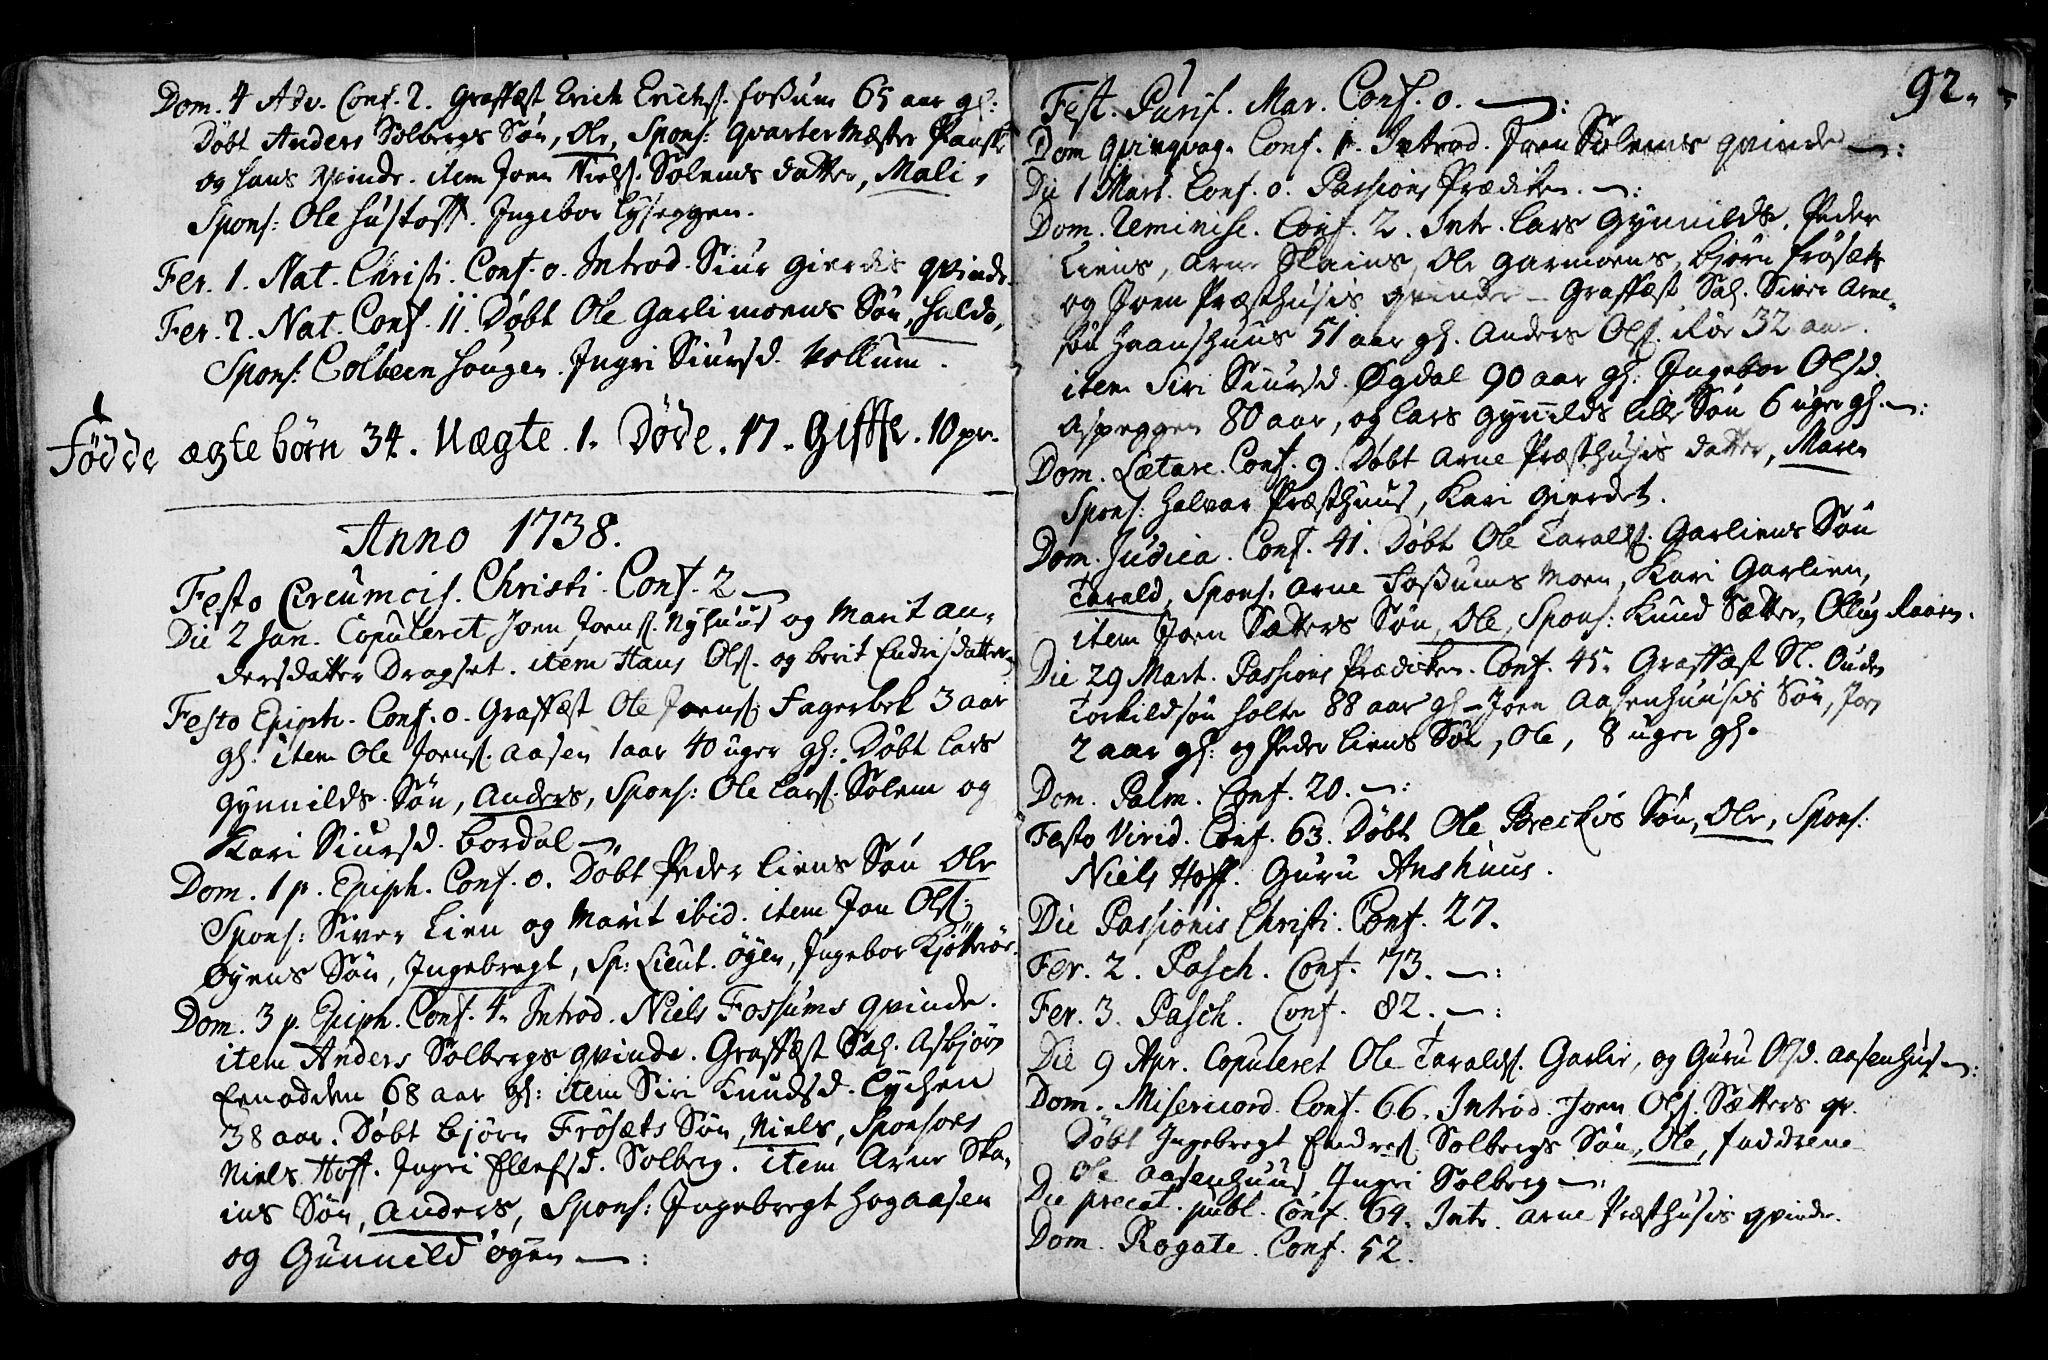 SAT, Ministerialprotokoller, klokkerbøker og fødselsregistre - Sør-Trøndelag, 689/L1036: Ministerialbok nr. 689A01, 1696-1746, s. 92